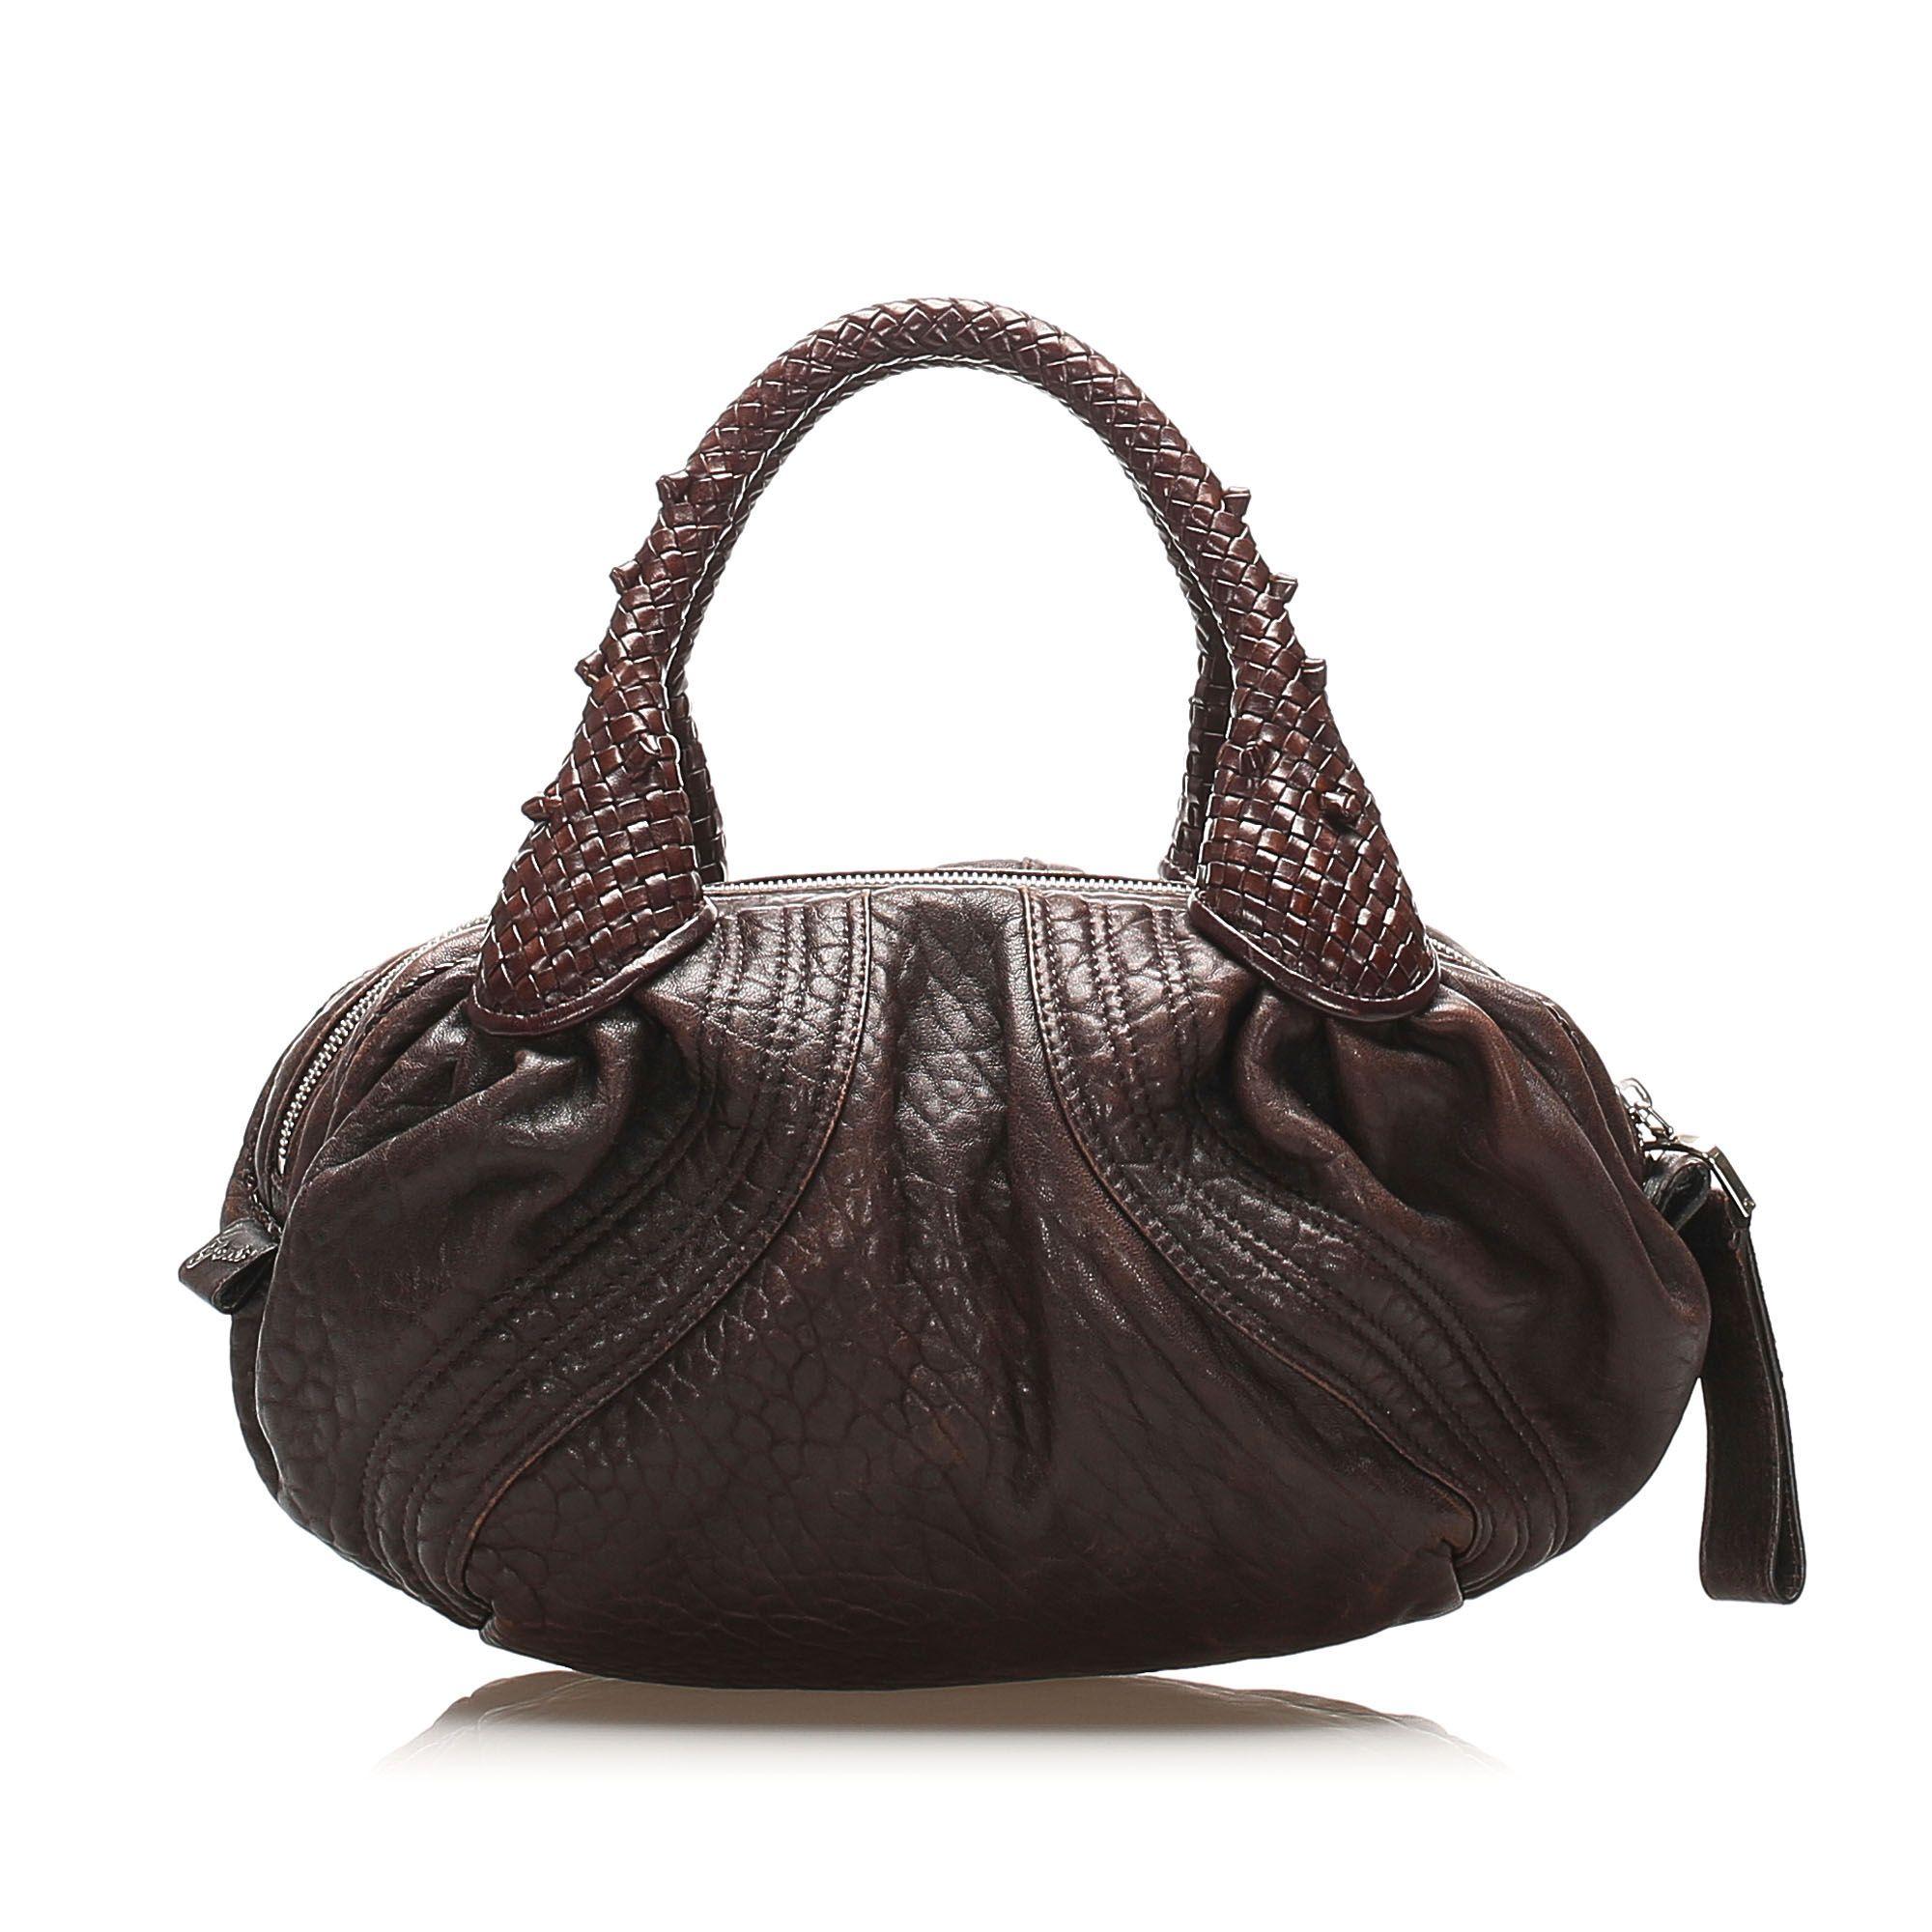 Vintage Fendi Spy Leather Handbag Brown